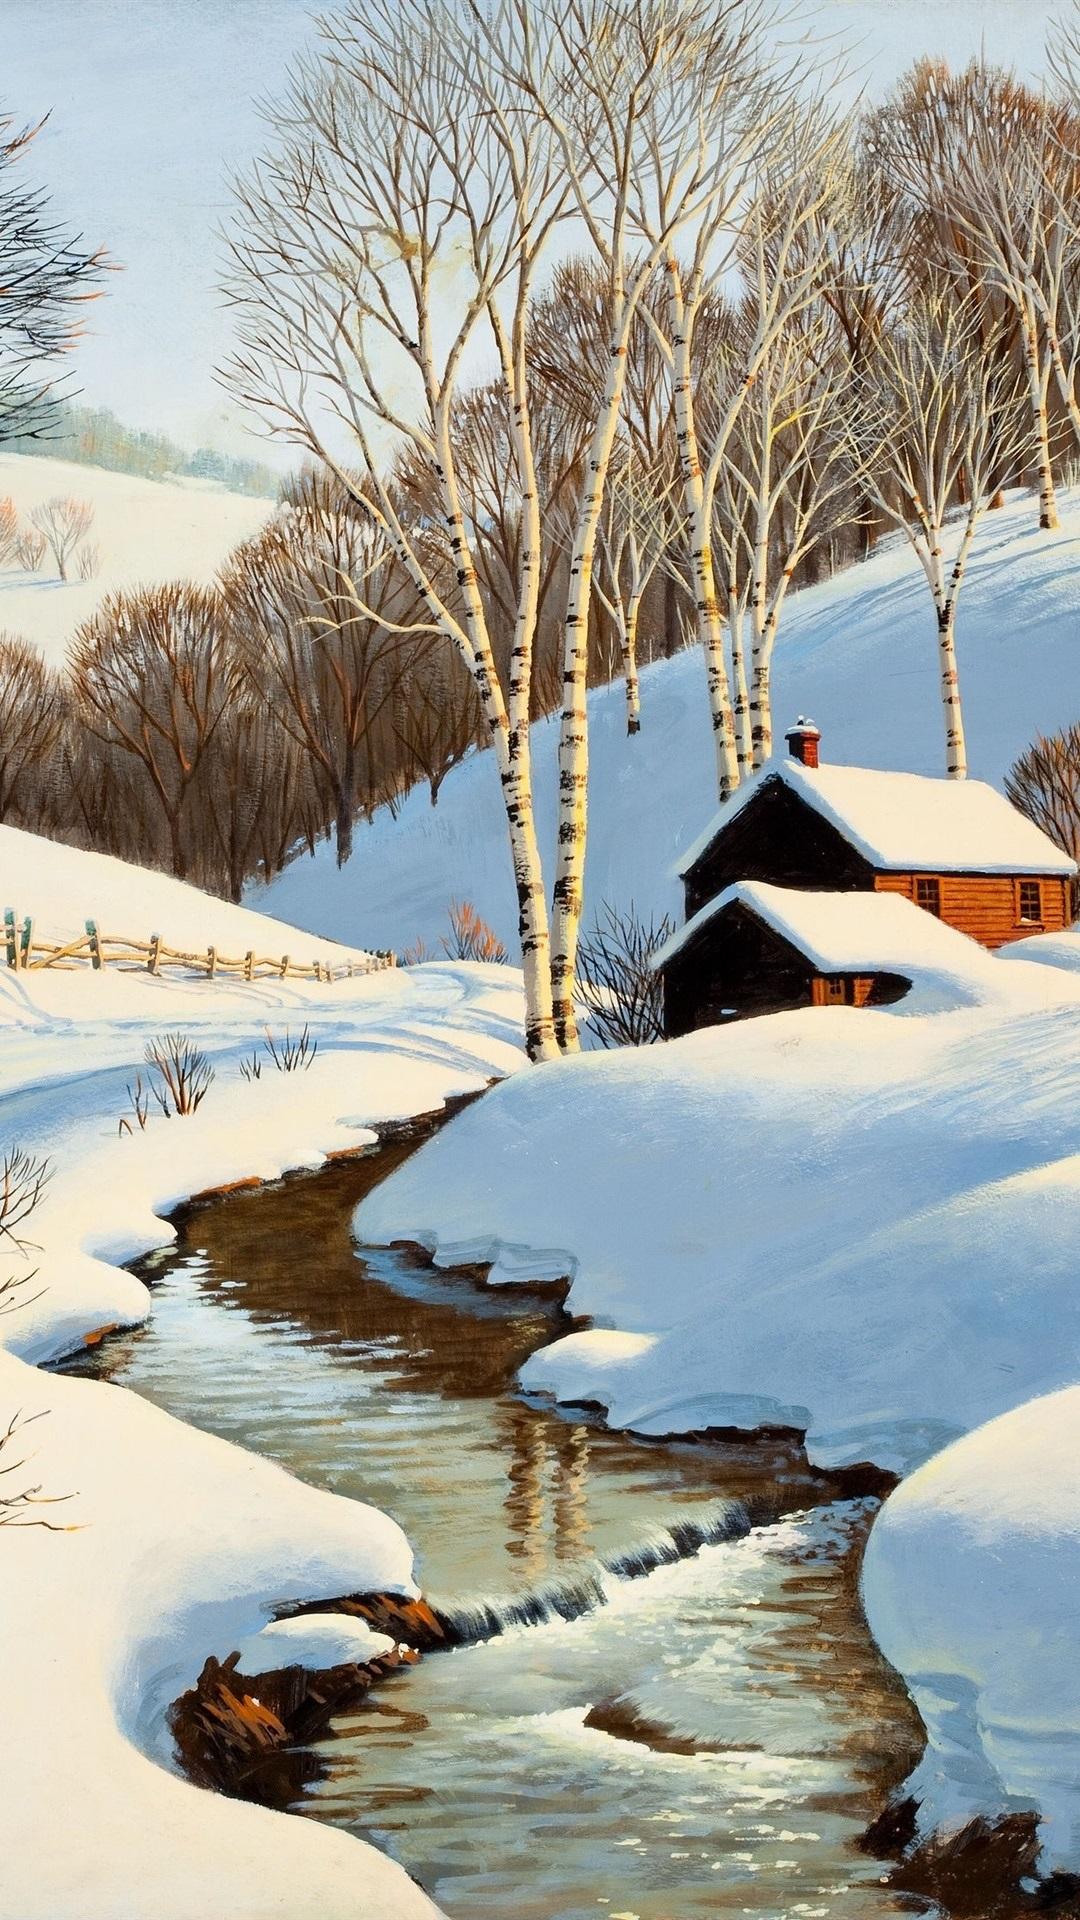 Fonds Décran La Peinture De Paysages Dhiver Ruisseau Maison